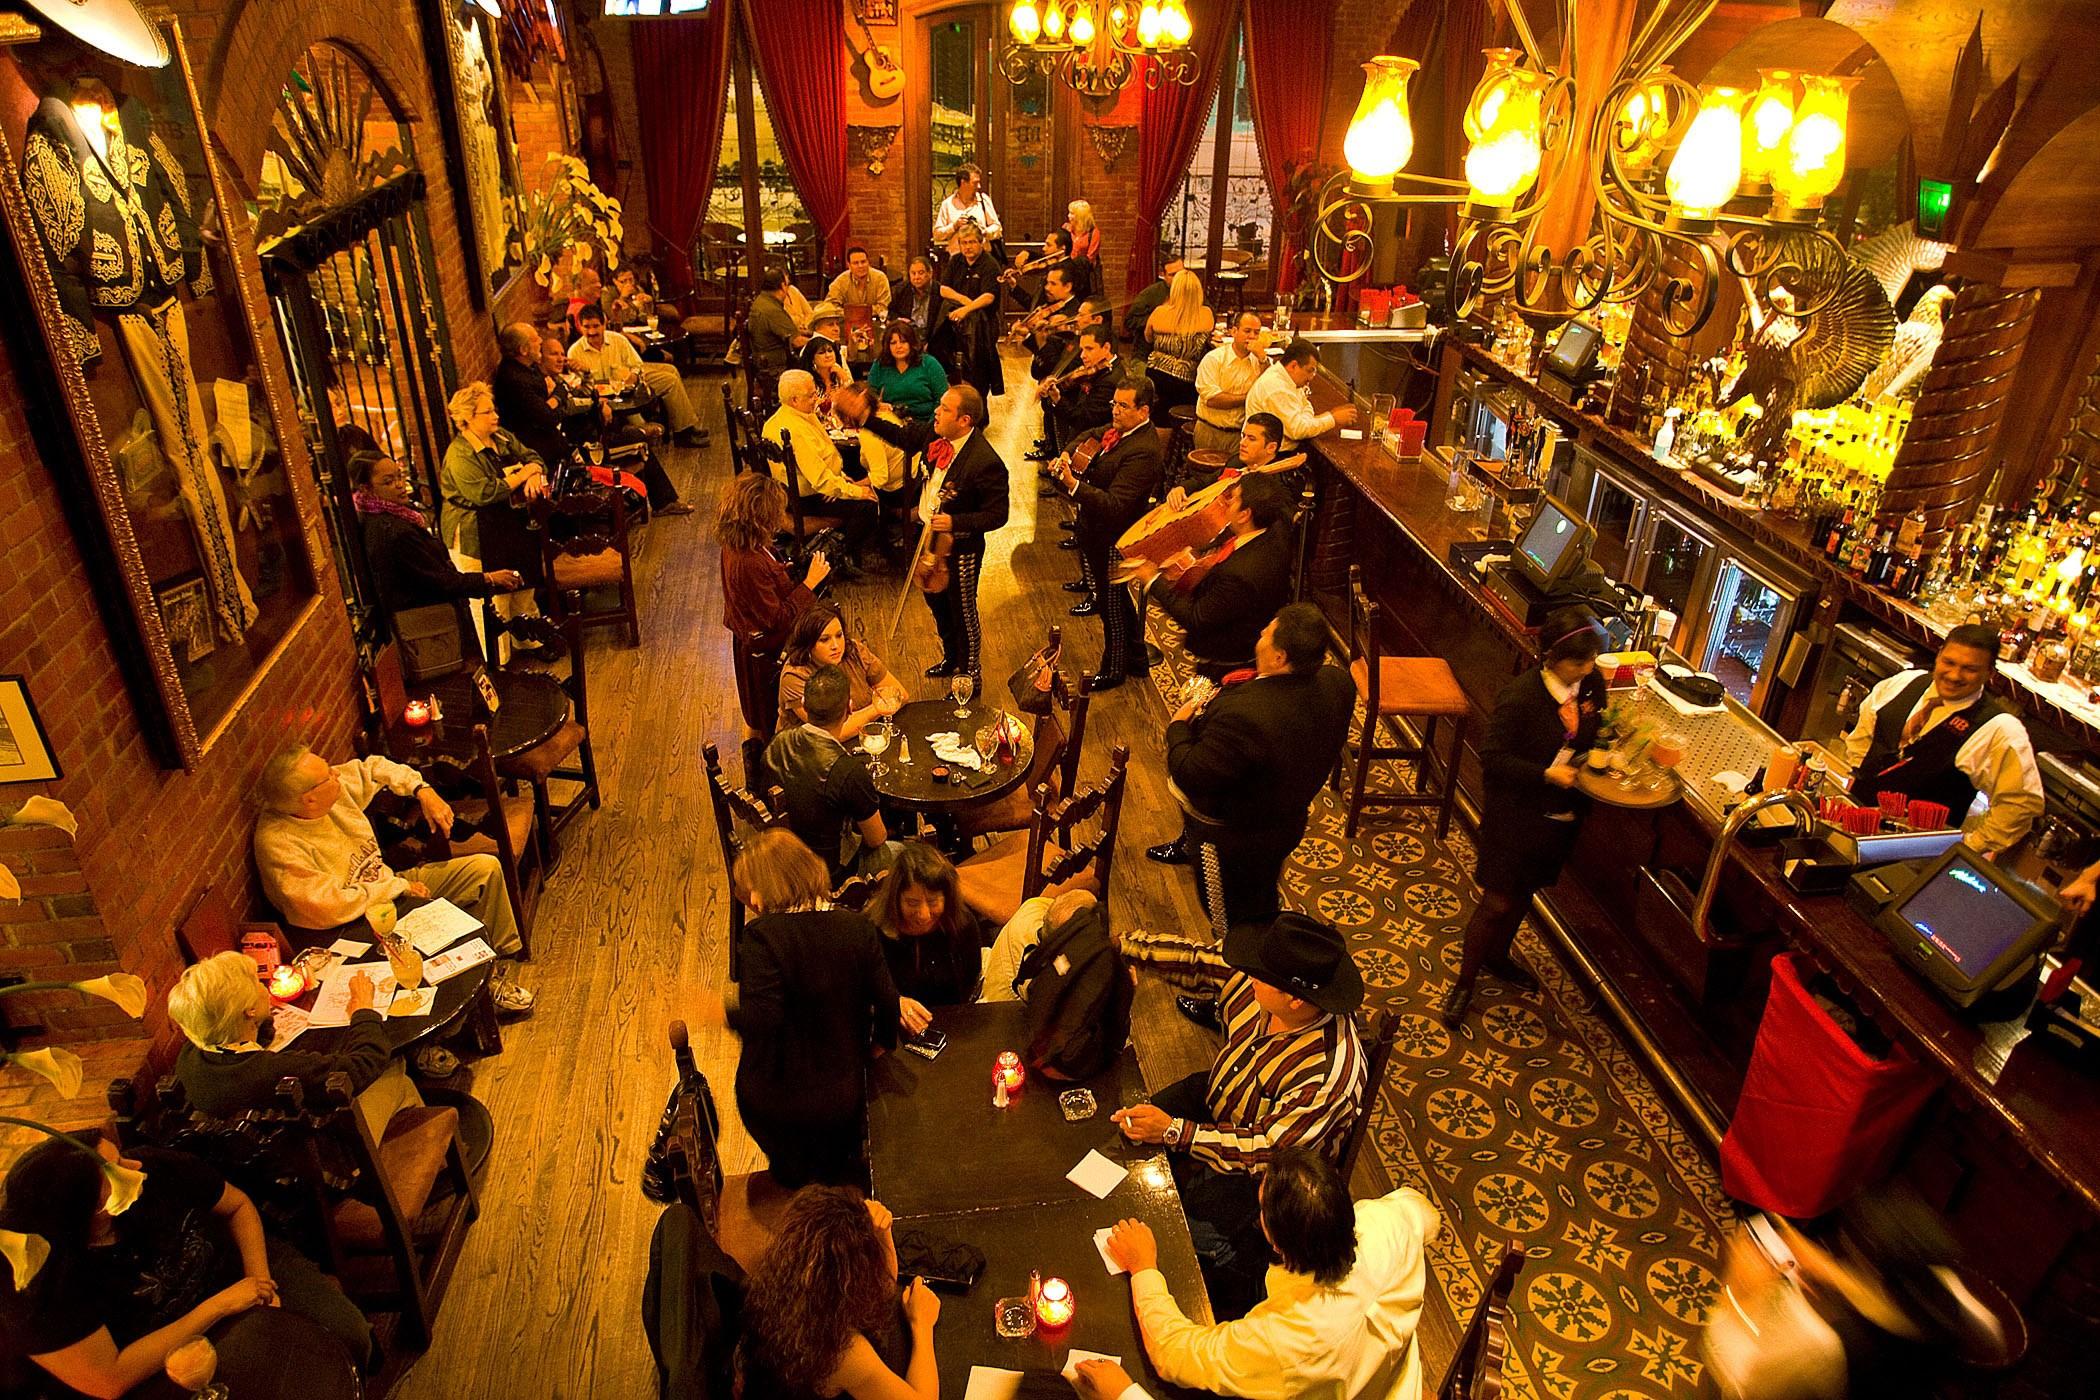 Nightlife-StuartDee_Tags_Culinary_Dining_Tex-Mex_Mariachi